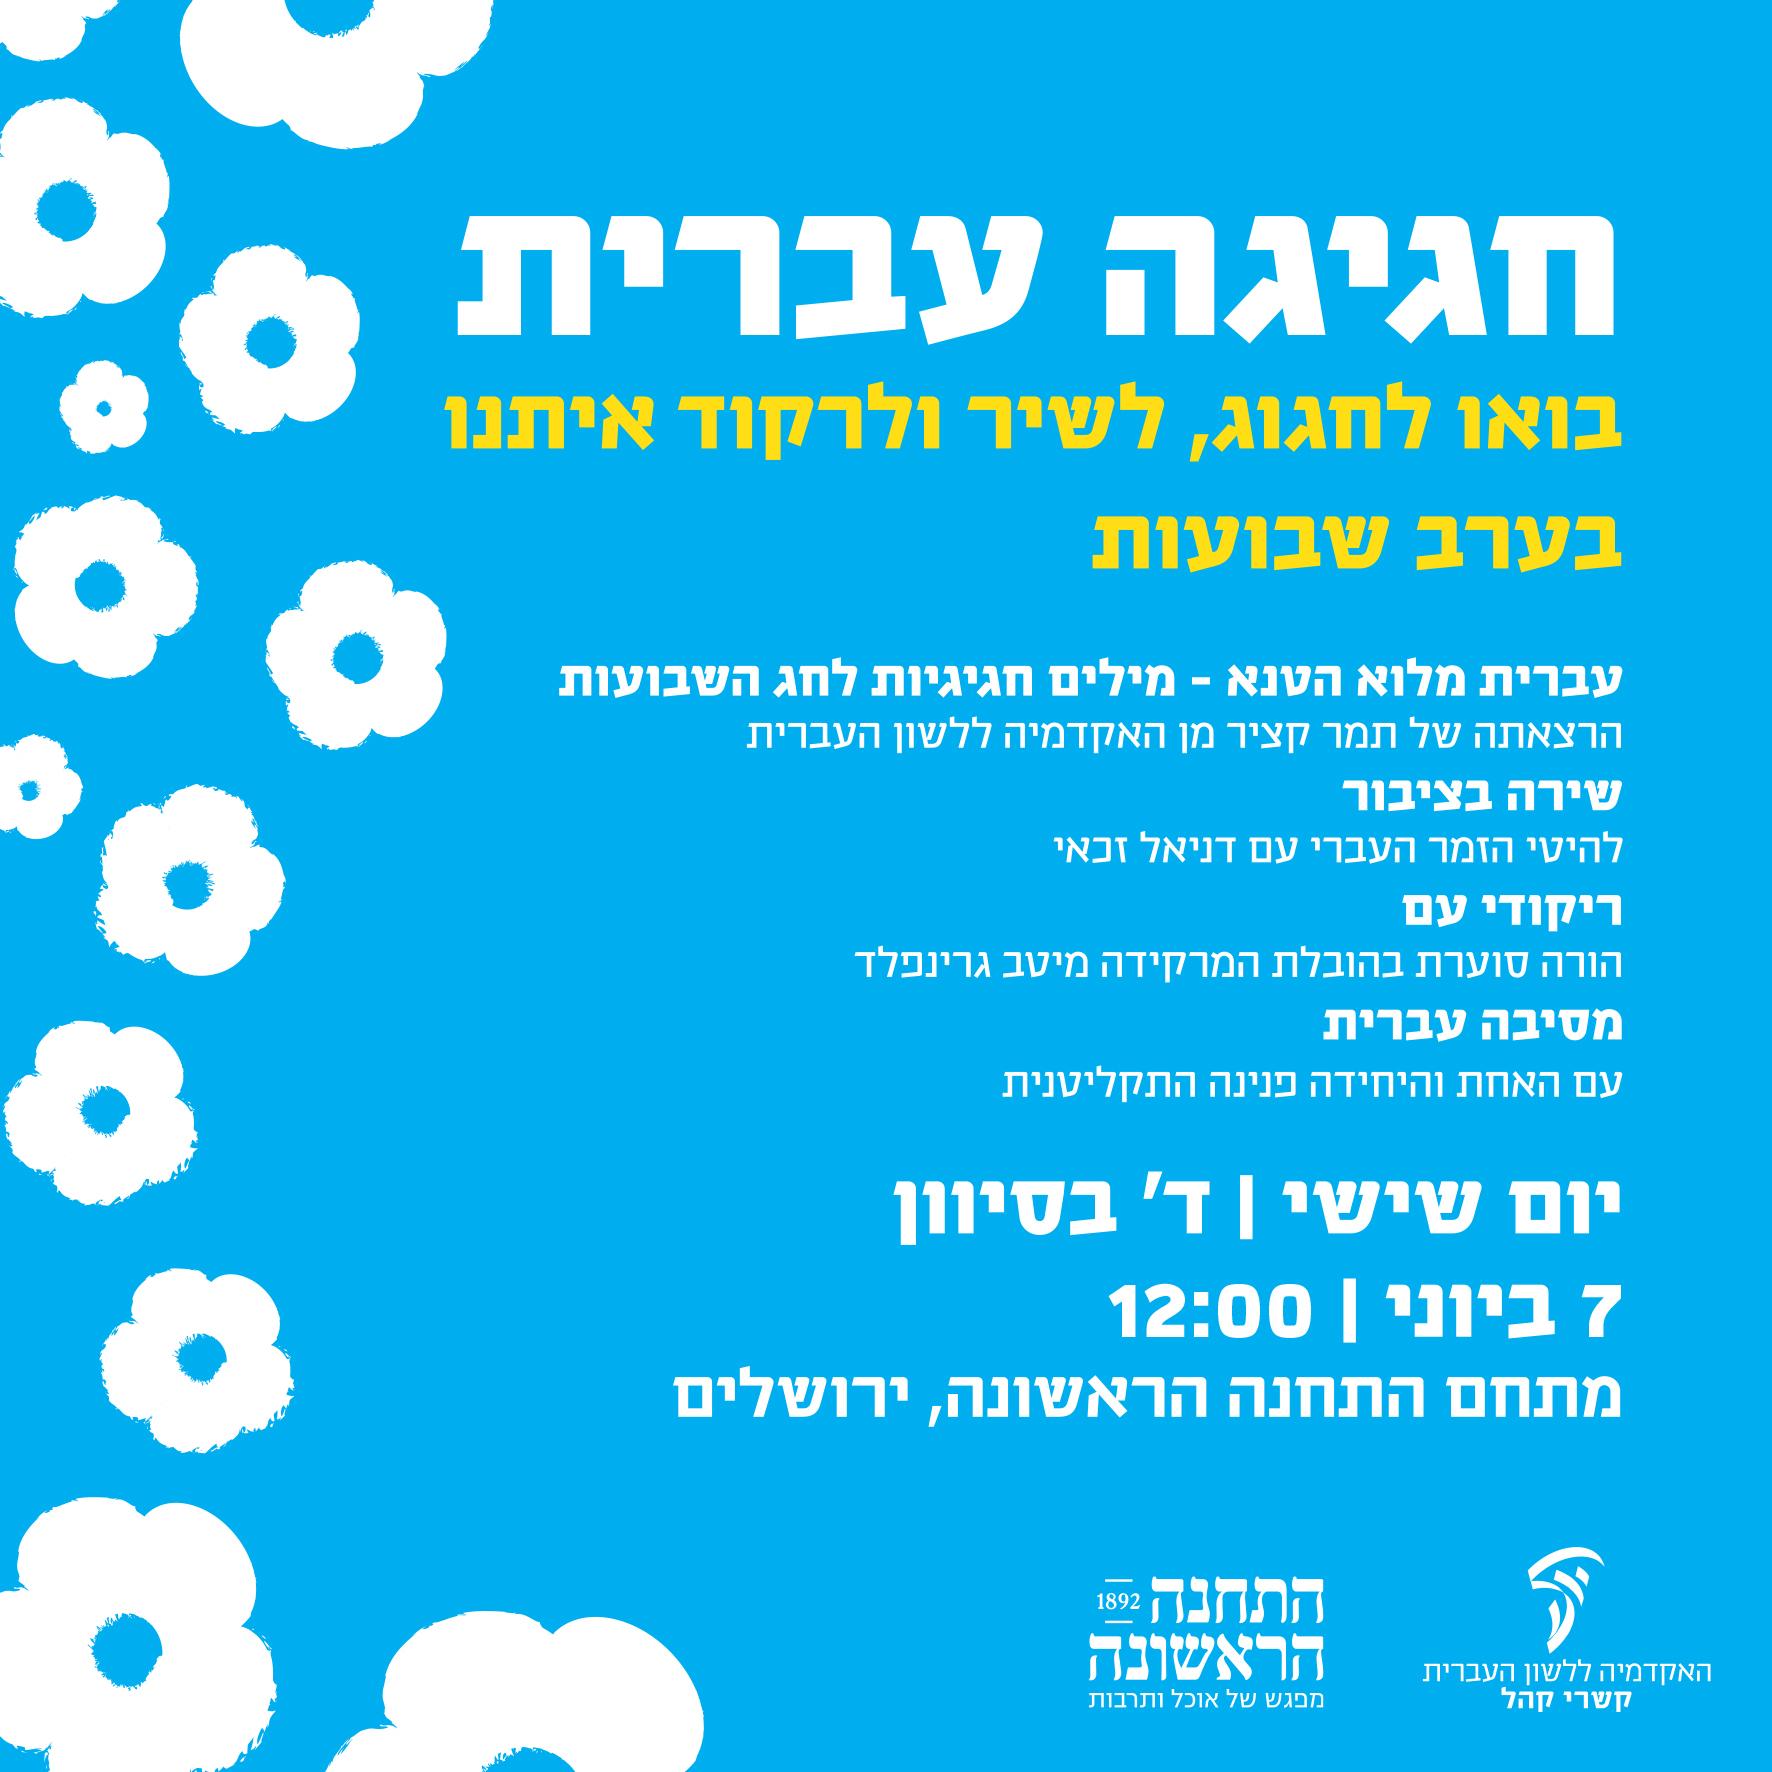 תיאור תוכנית האירוע חגיגה עברית בשבועות